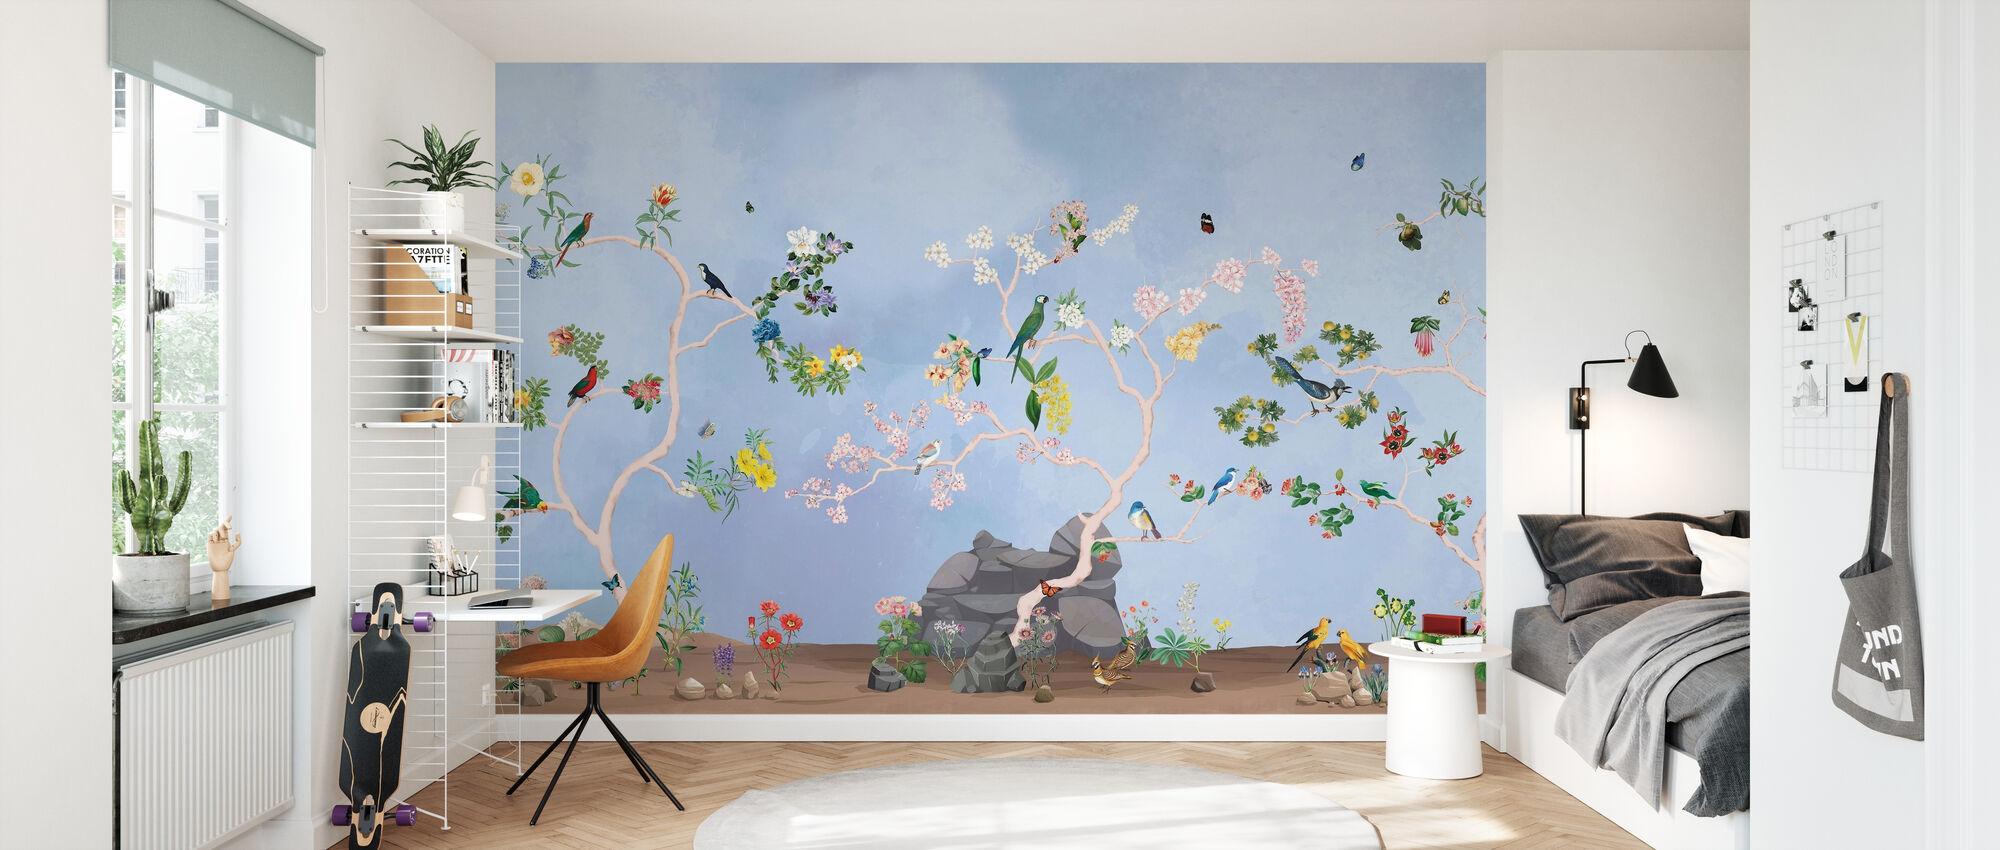 Vogels Tuin - Behang - Kinderkamer